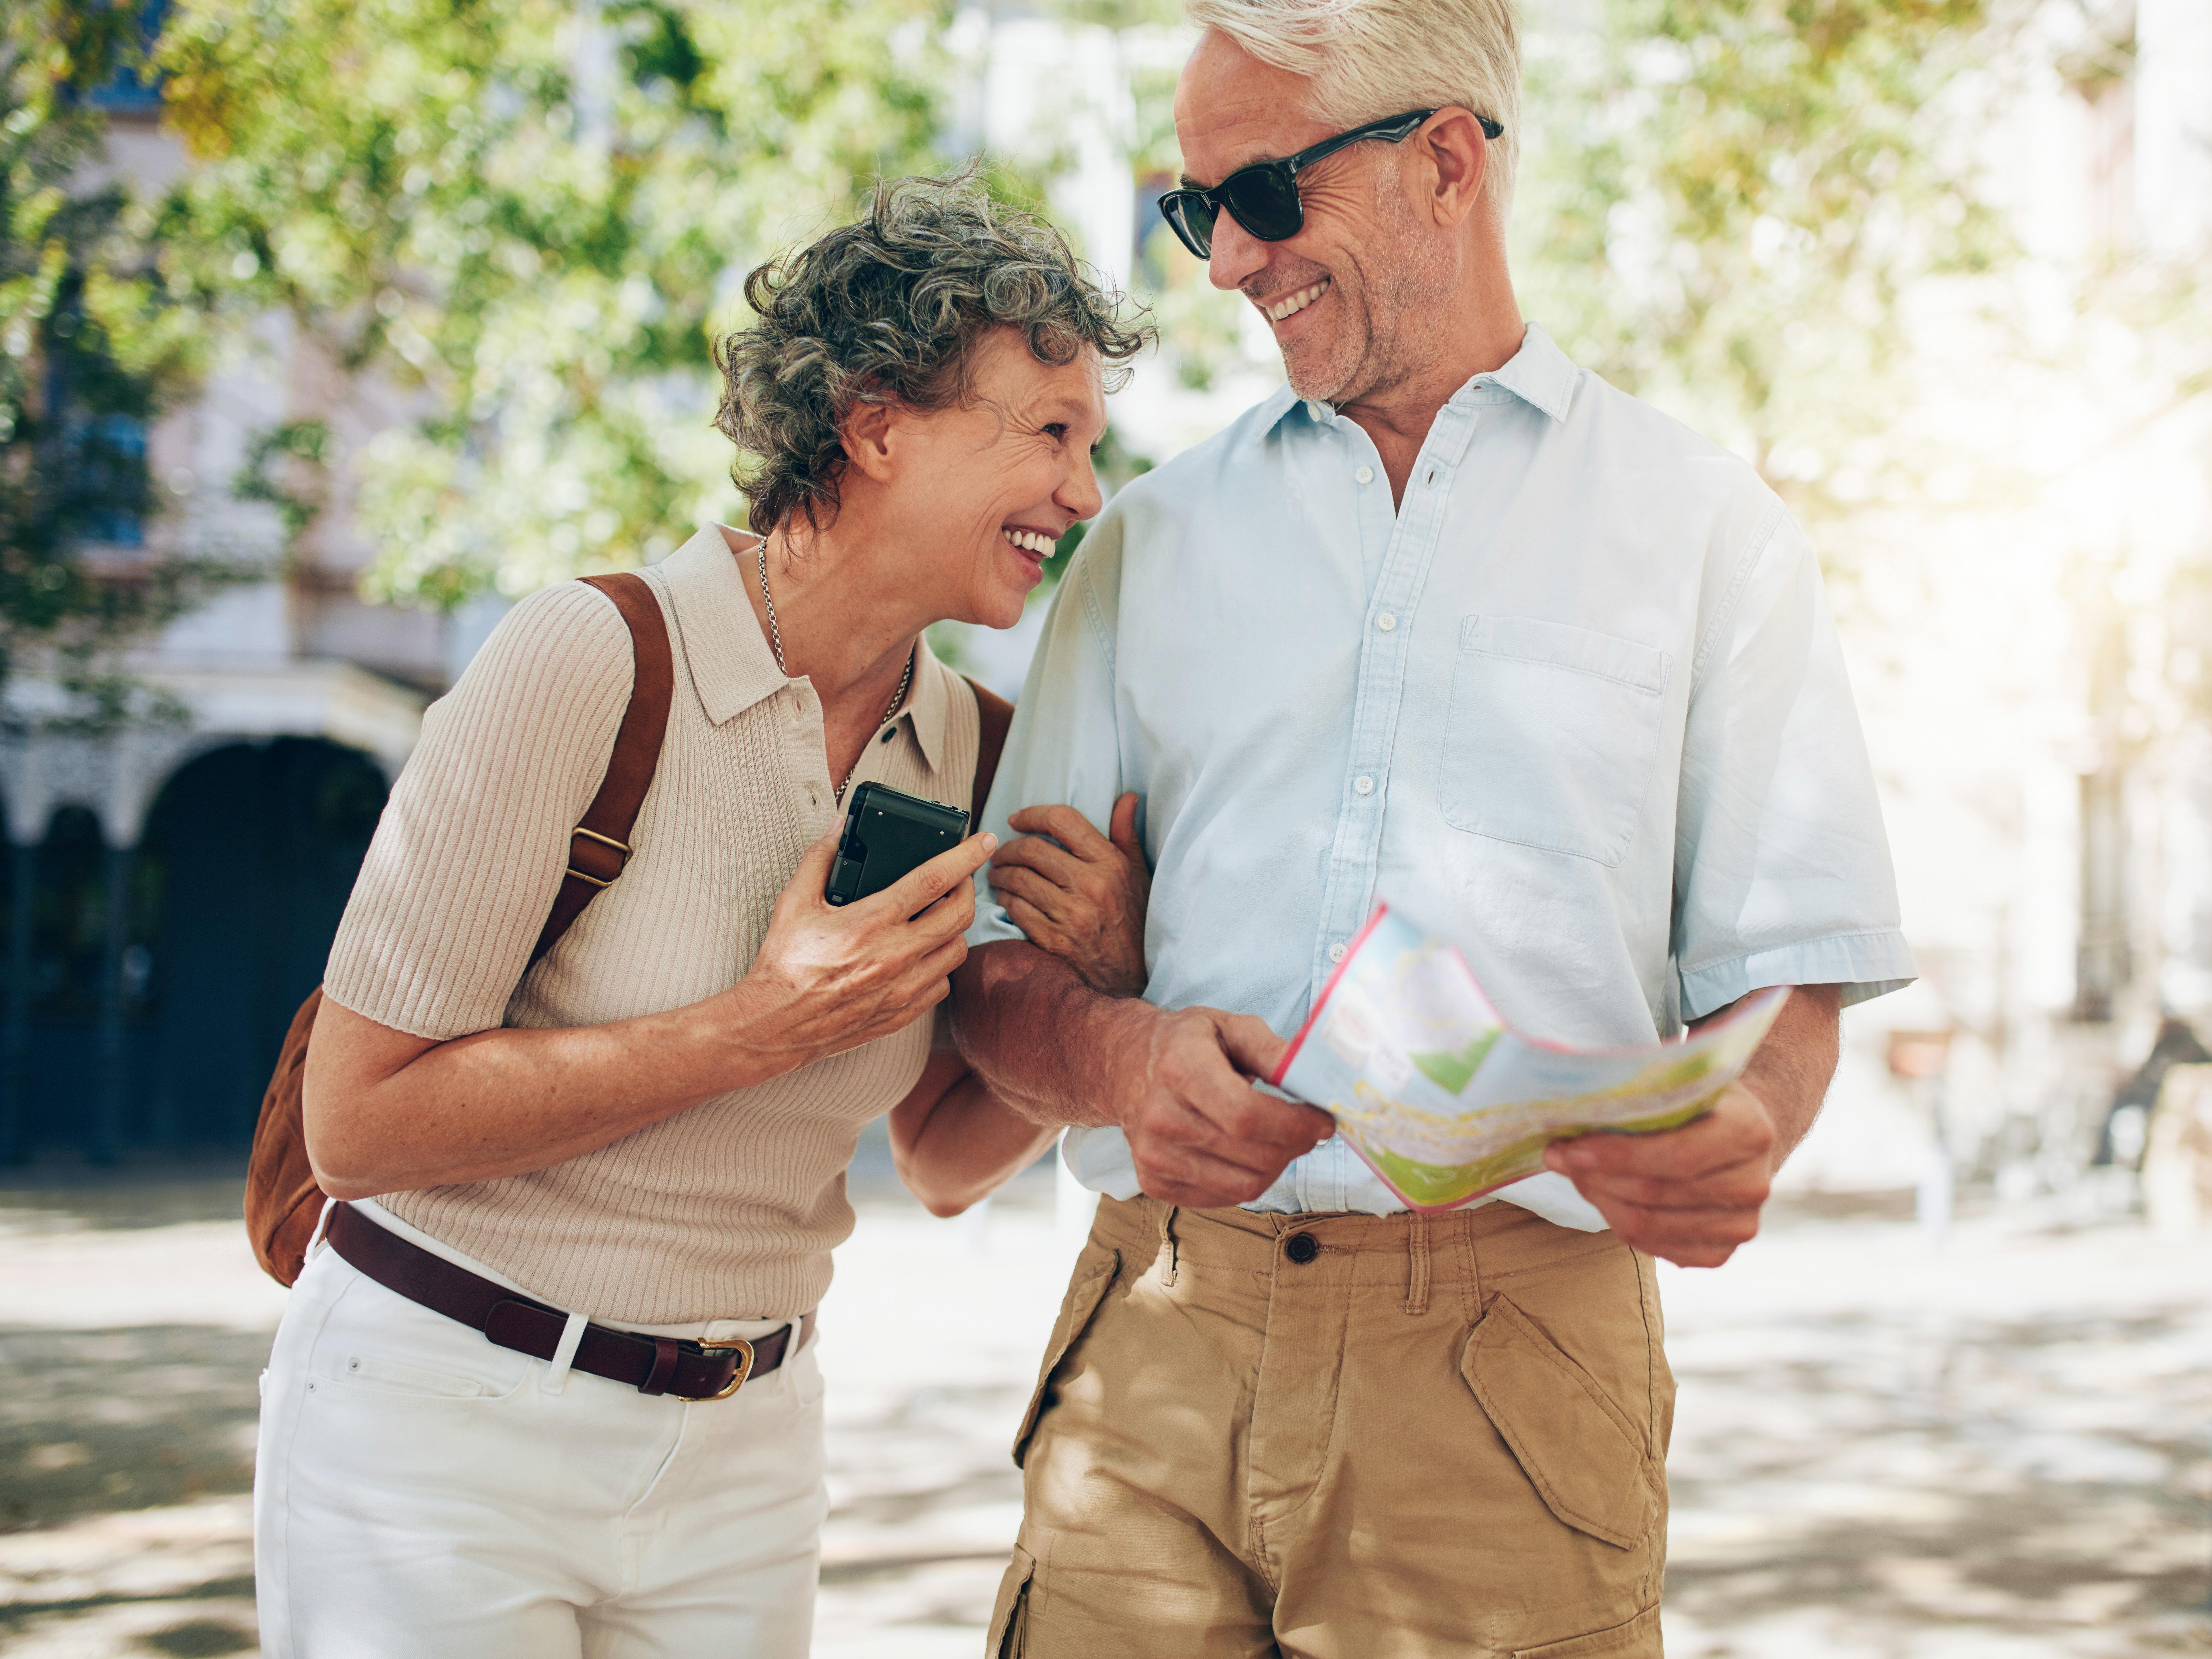 Older couple travelling together